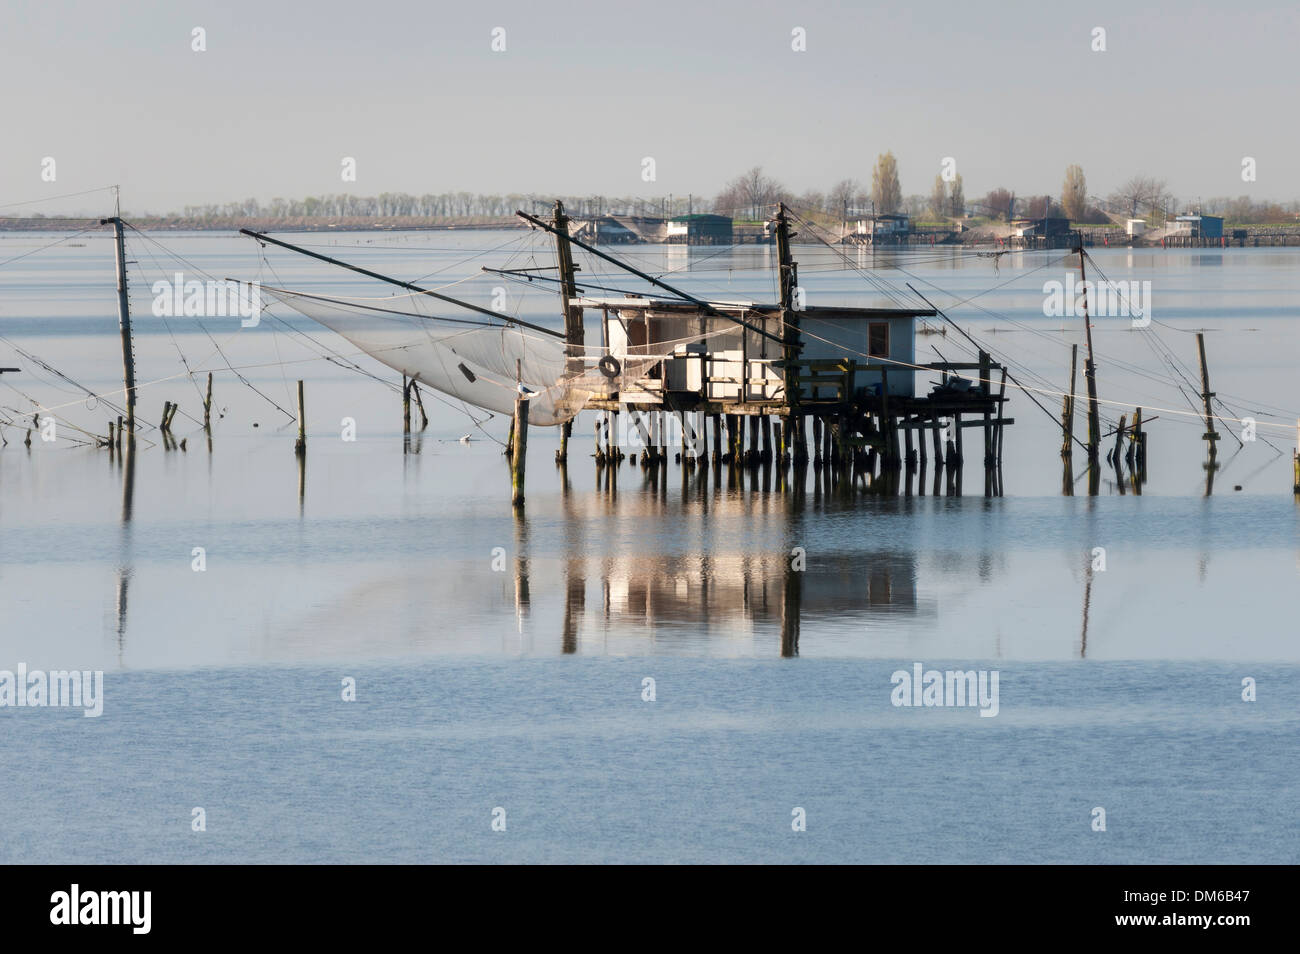 Capanna di pesca in una laguna, con riflessioni, Delta del Po, Comacchio, Emilia Romagna, Italia Immagini Stock